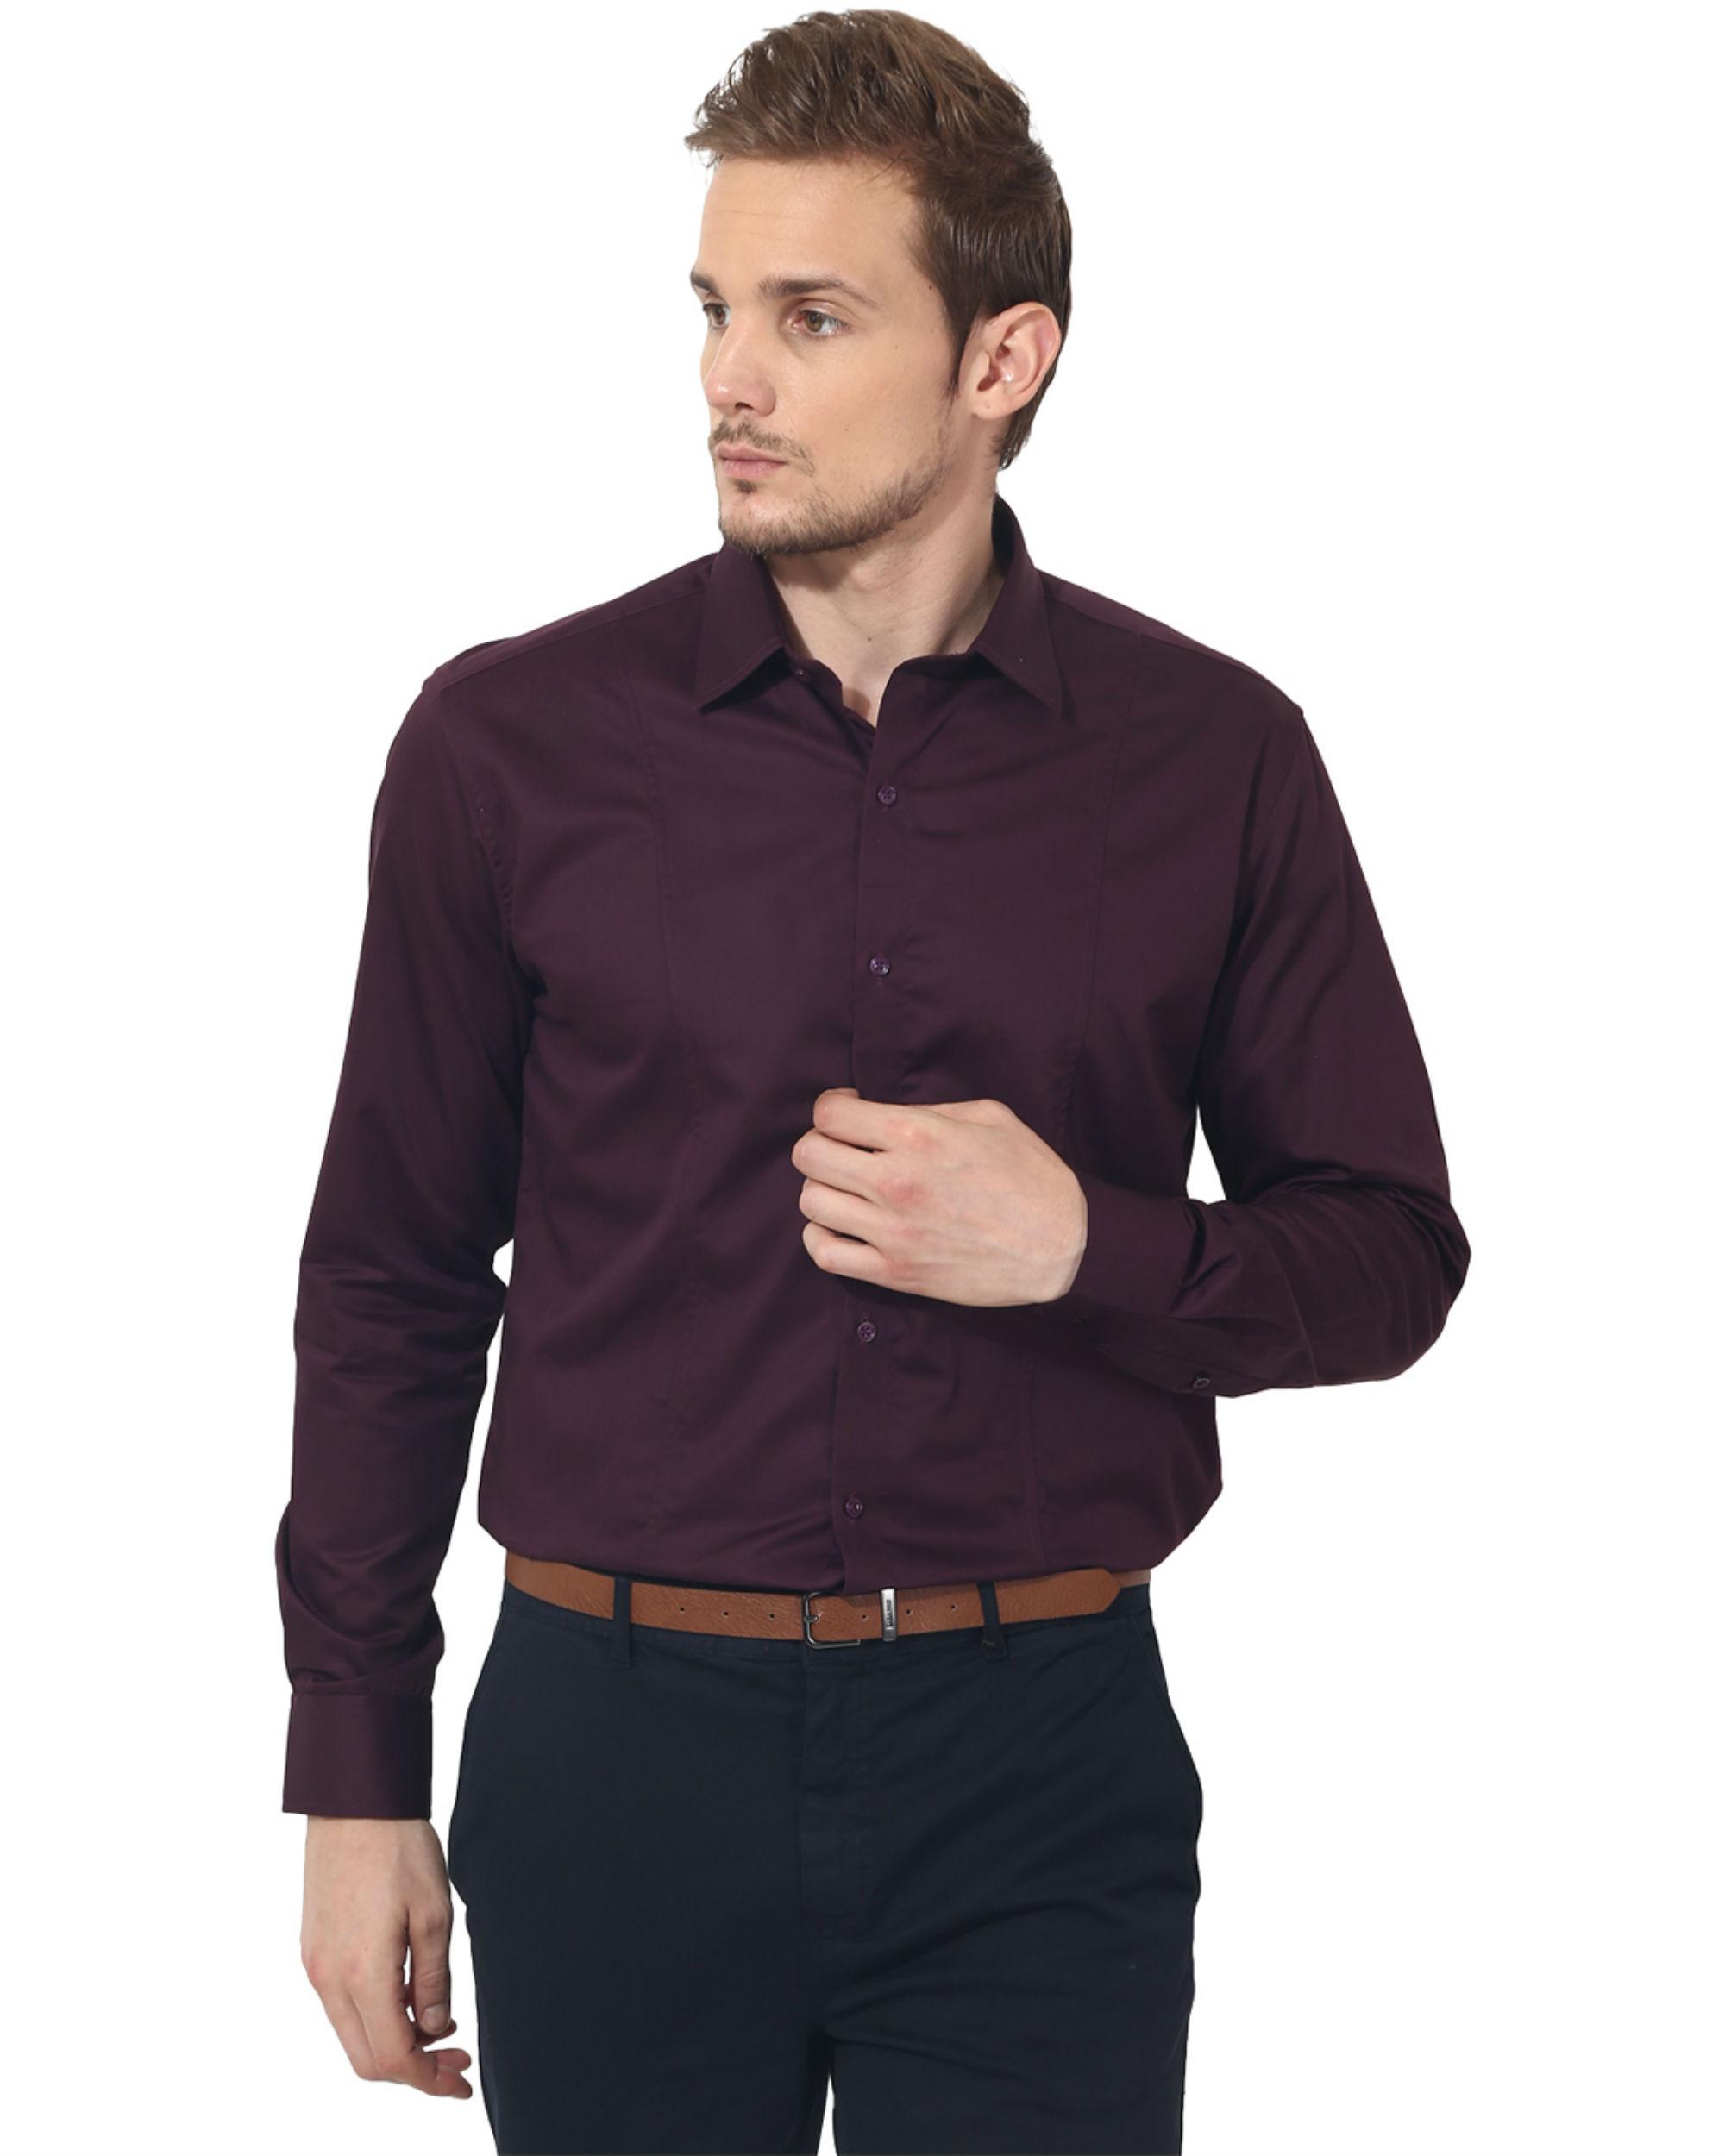 Maroon solid club wear shirt